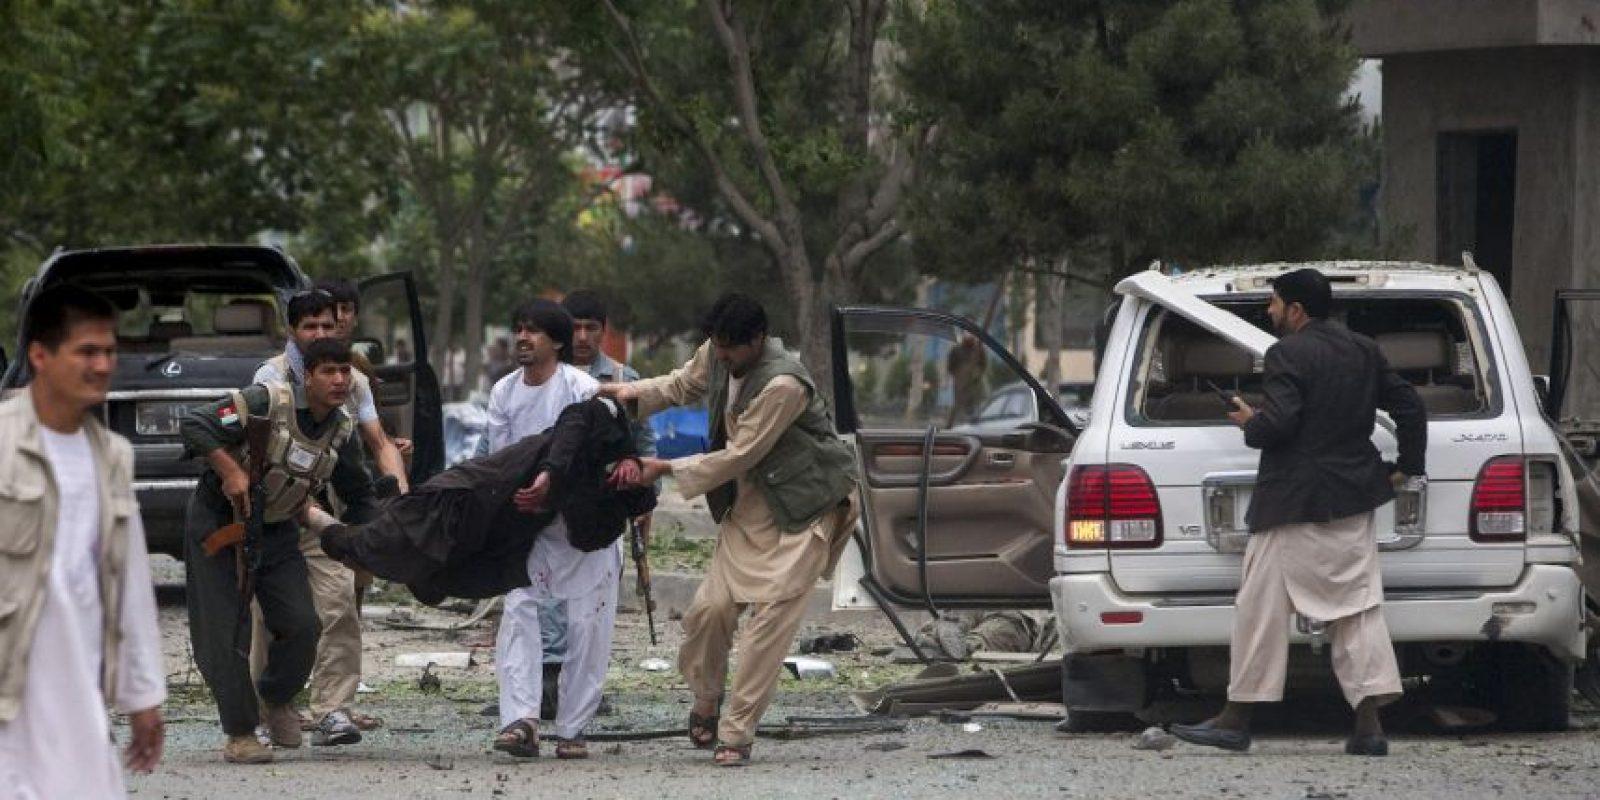 Los hombres que se enfrentaron pertenecian a dos grupos armados distintos. Foto:Getty Images